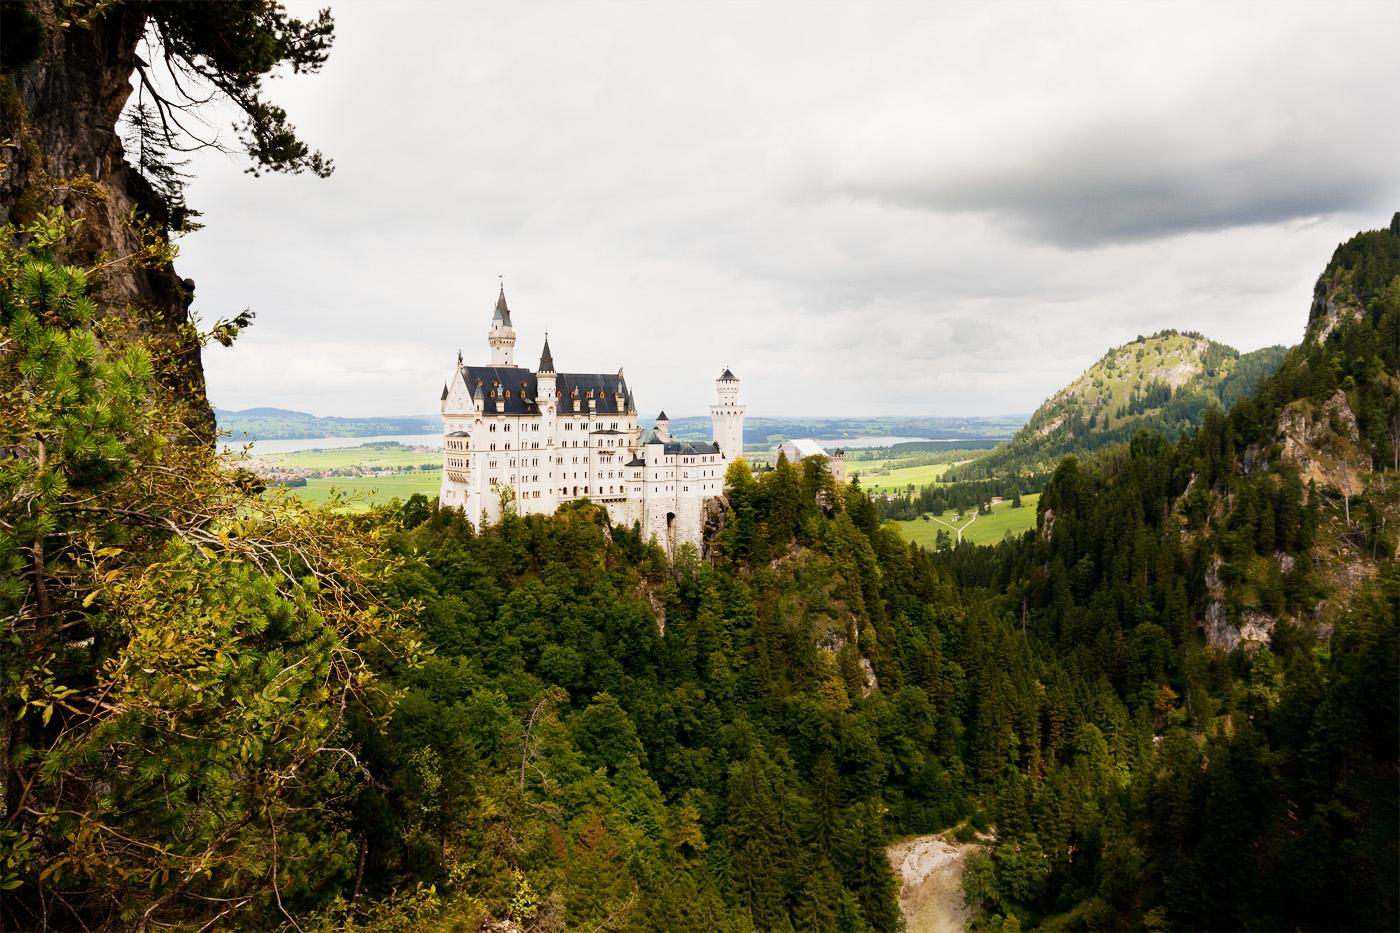 schloss-neuschwanstein-fuessen-allgaeu-royal-castle-neuschwanstein-travelbericht